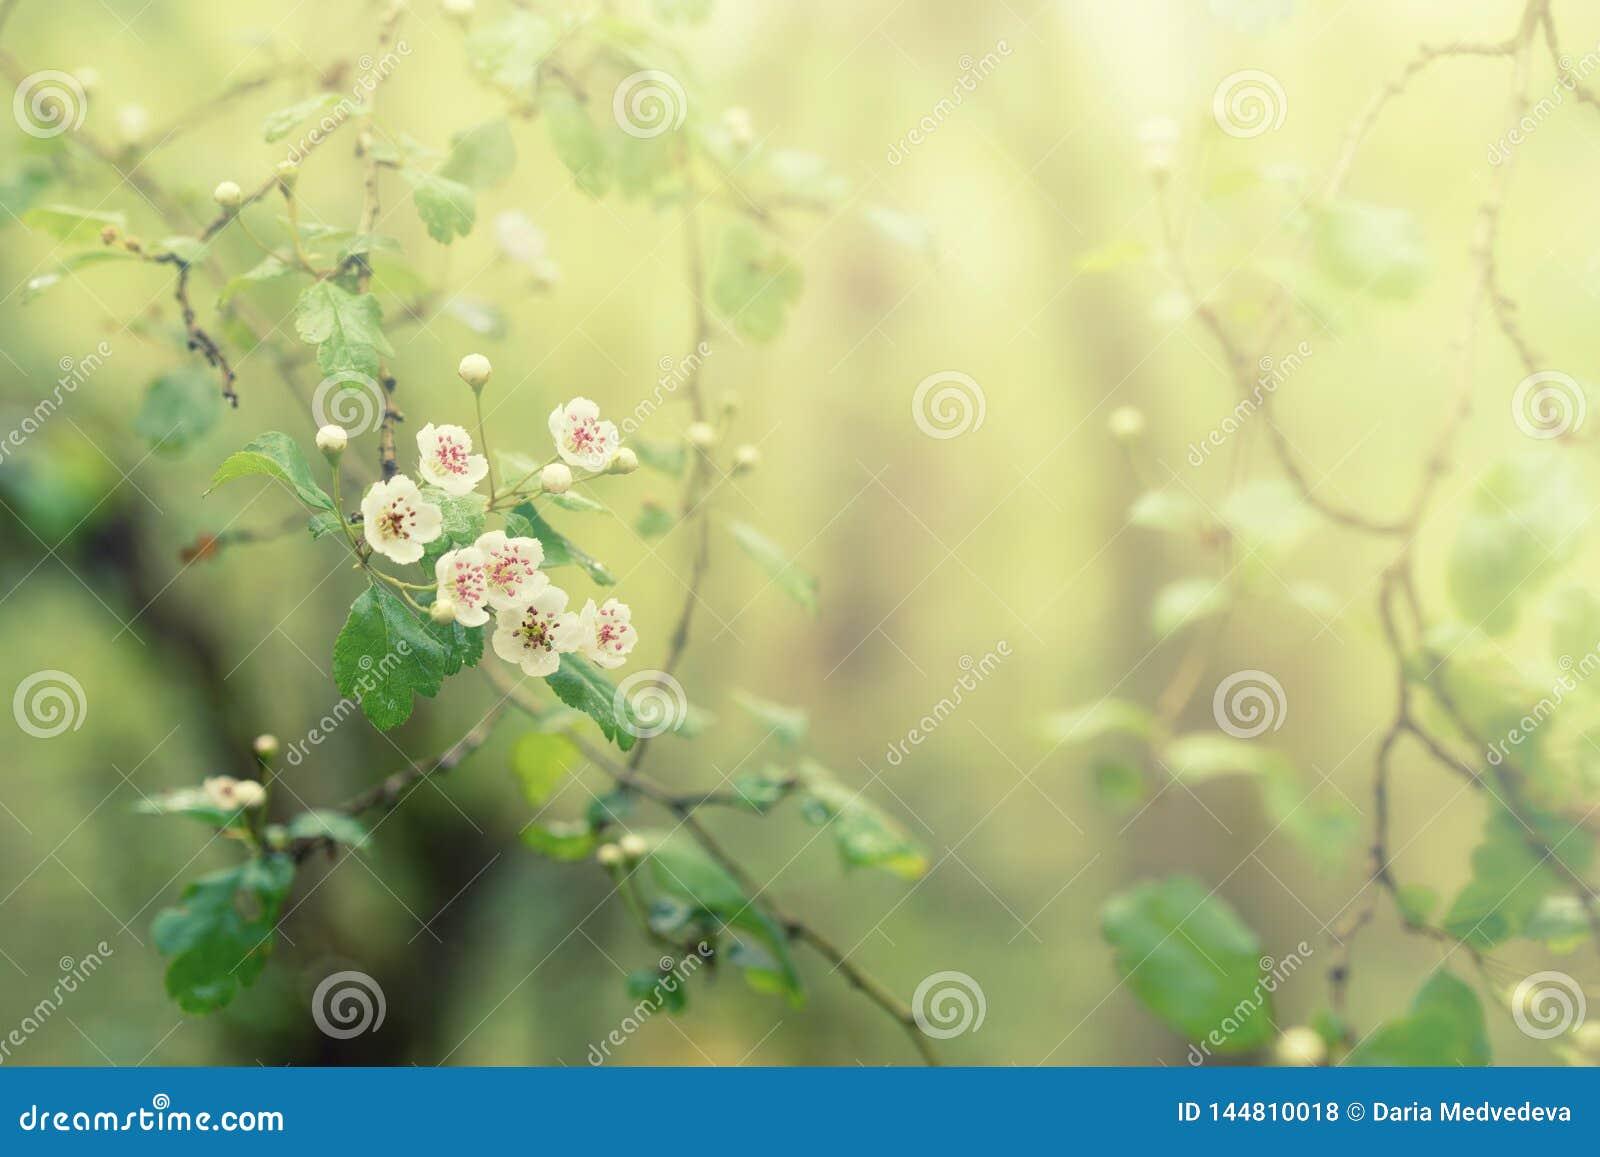 Kwitnący drzewo z białymi kwiatami, skacze kwiecisty abstrakcjonistyczny tło, miękka ostrość